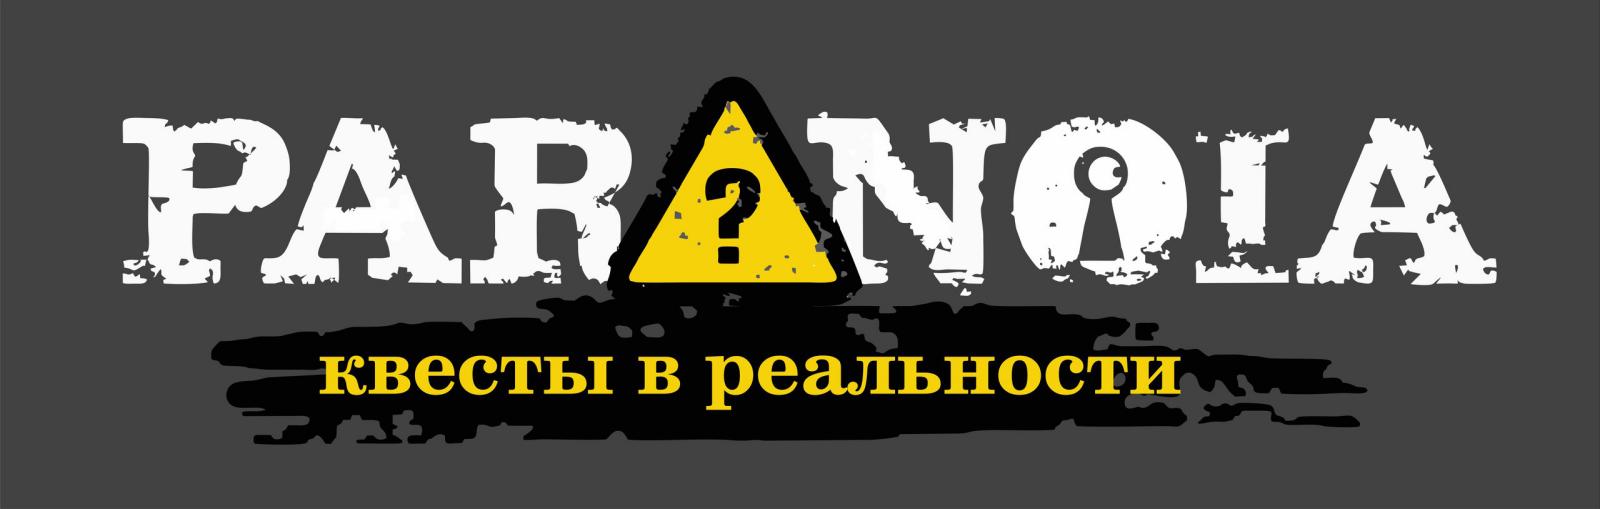 """Квест """"Спасти небоскреб"""" за 8,50 руб/чел. от """"Paranoia"""" в Гомеле"""